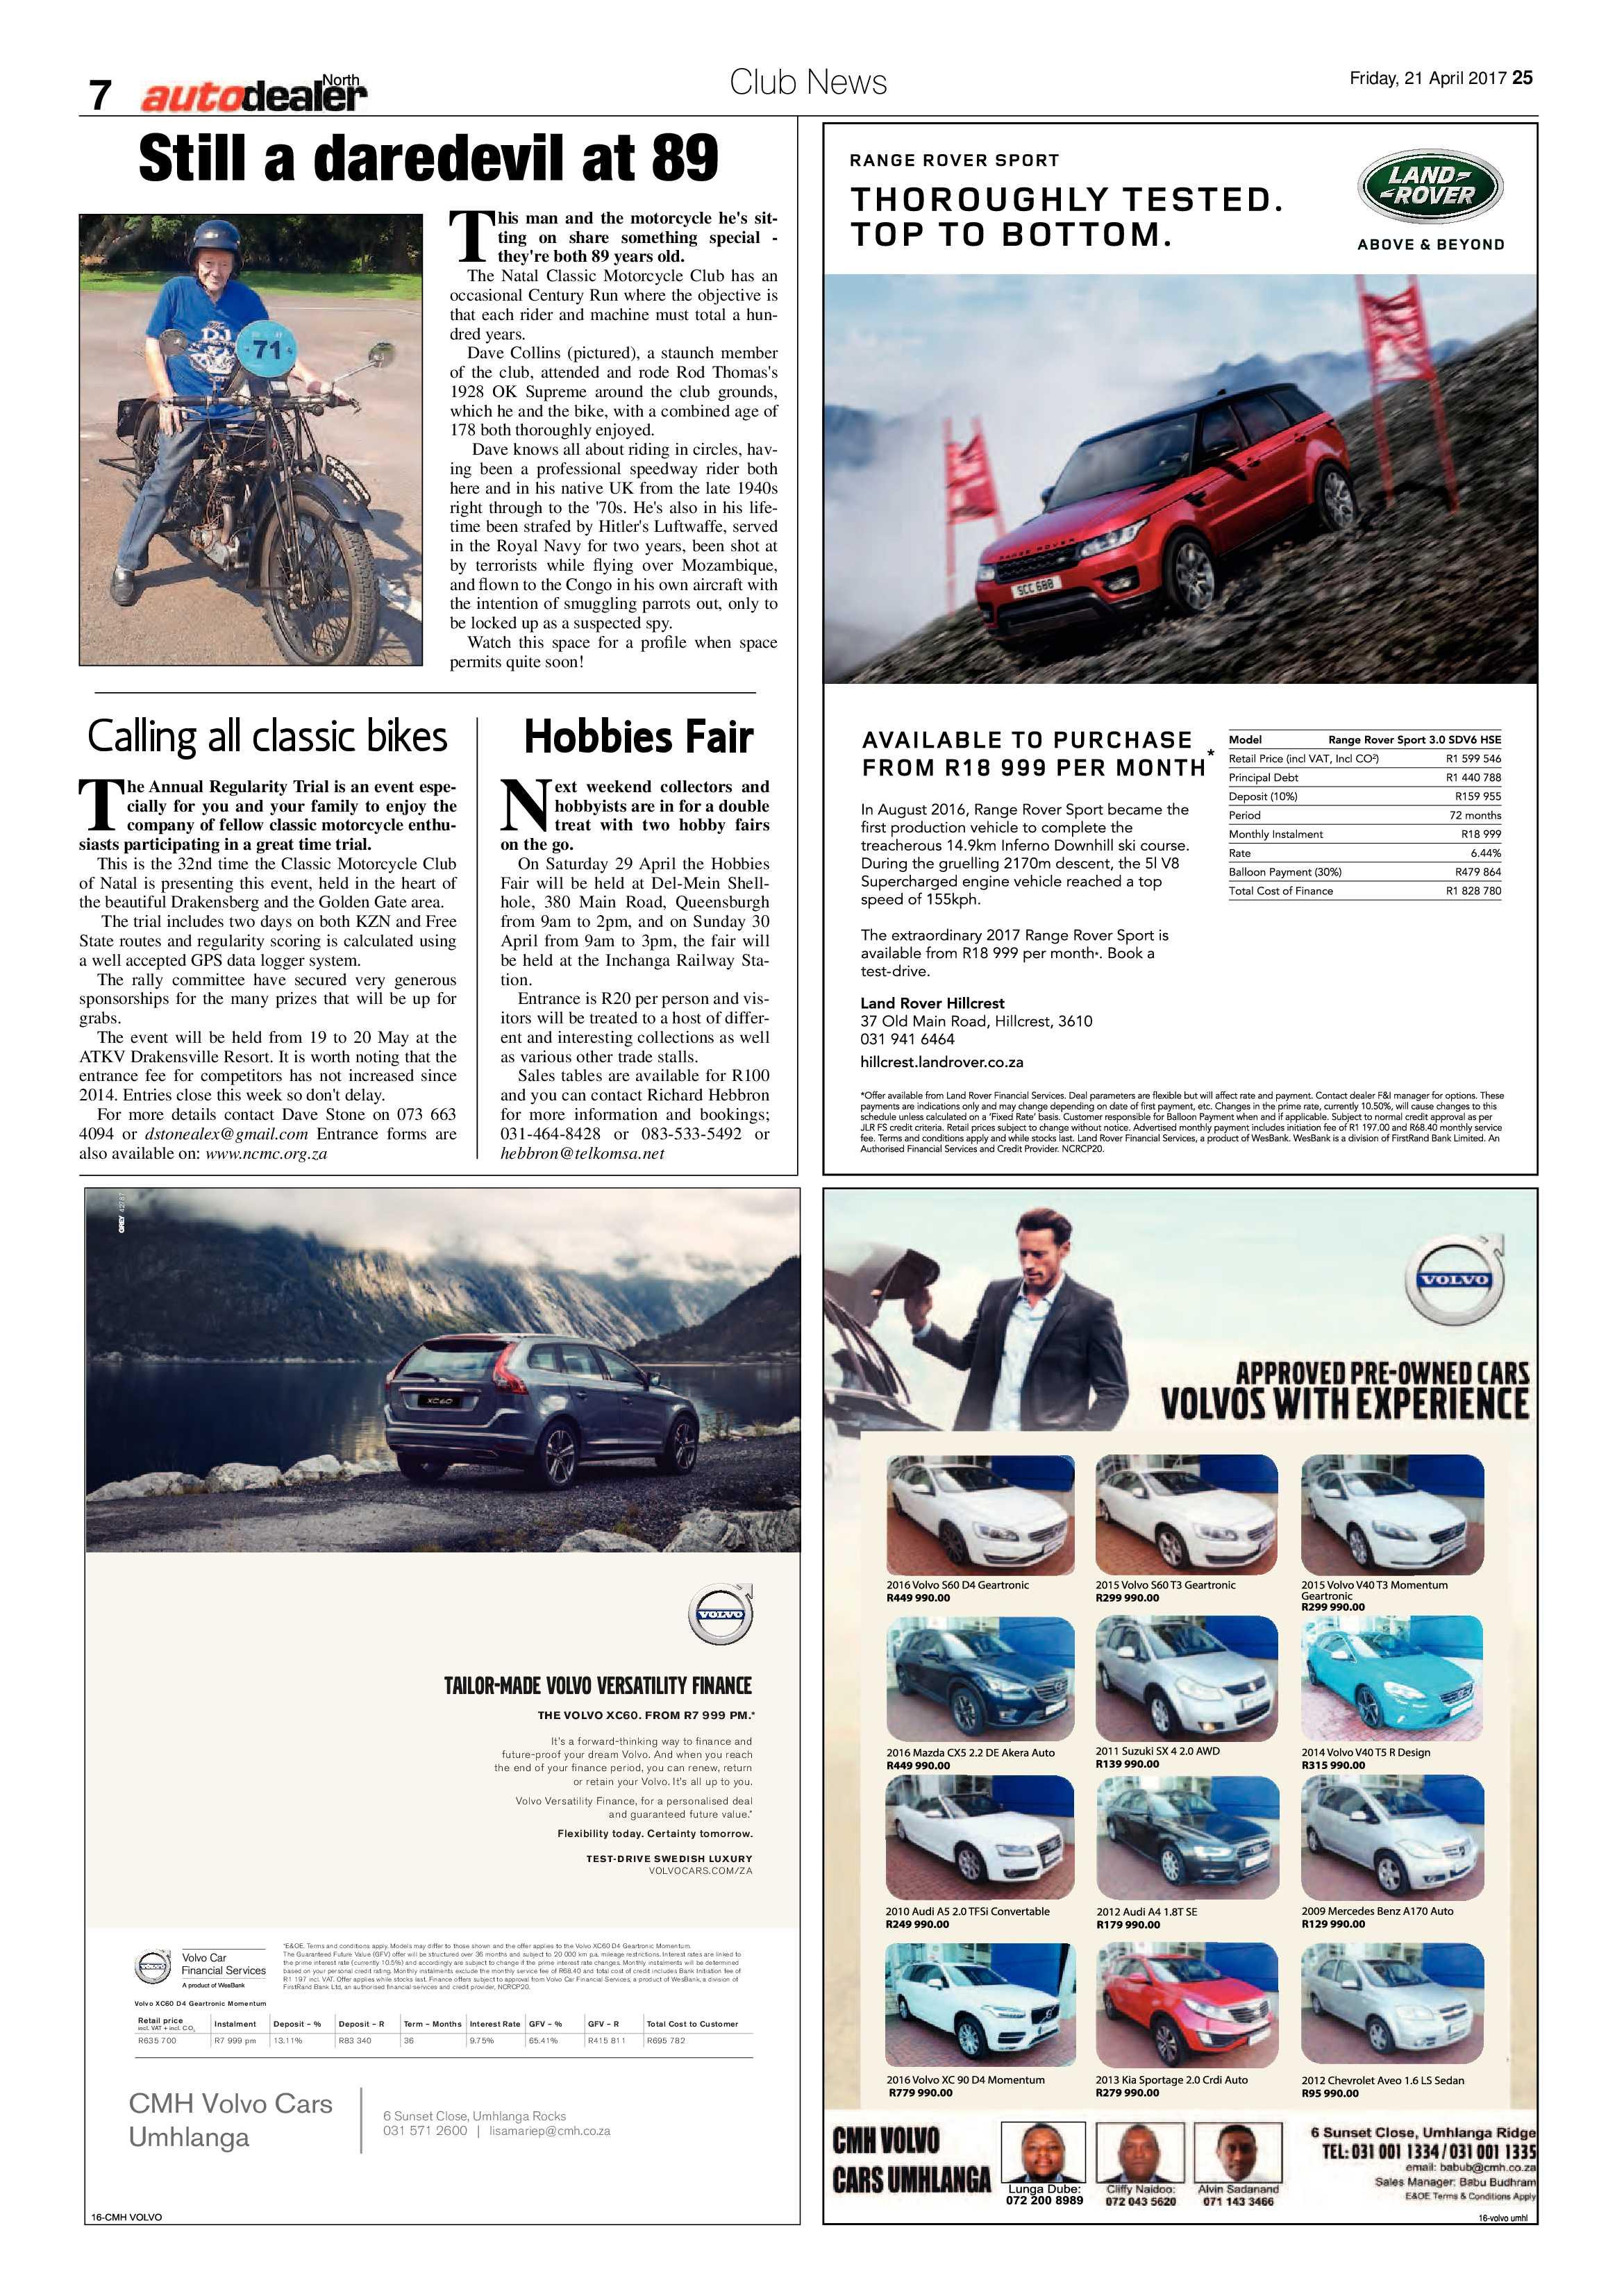 northglen-news-21-april-2017-epapers-page-25